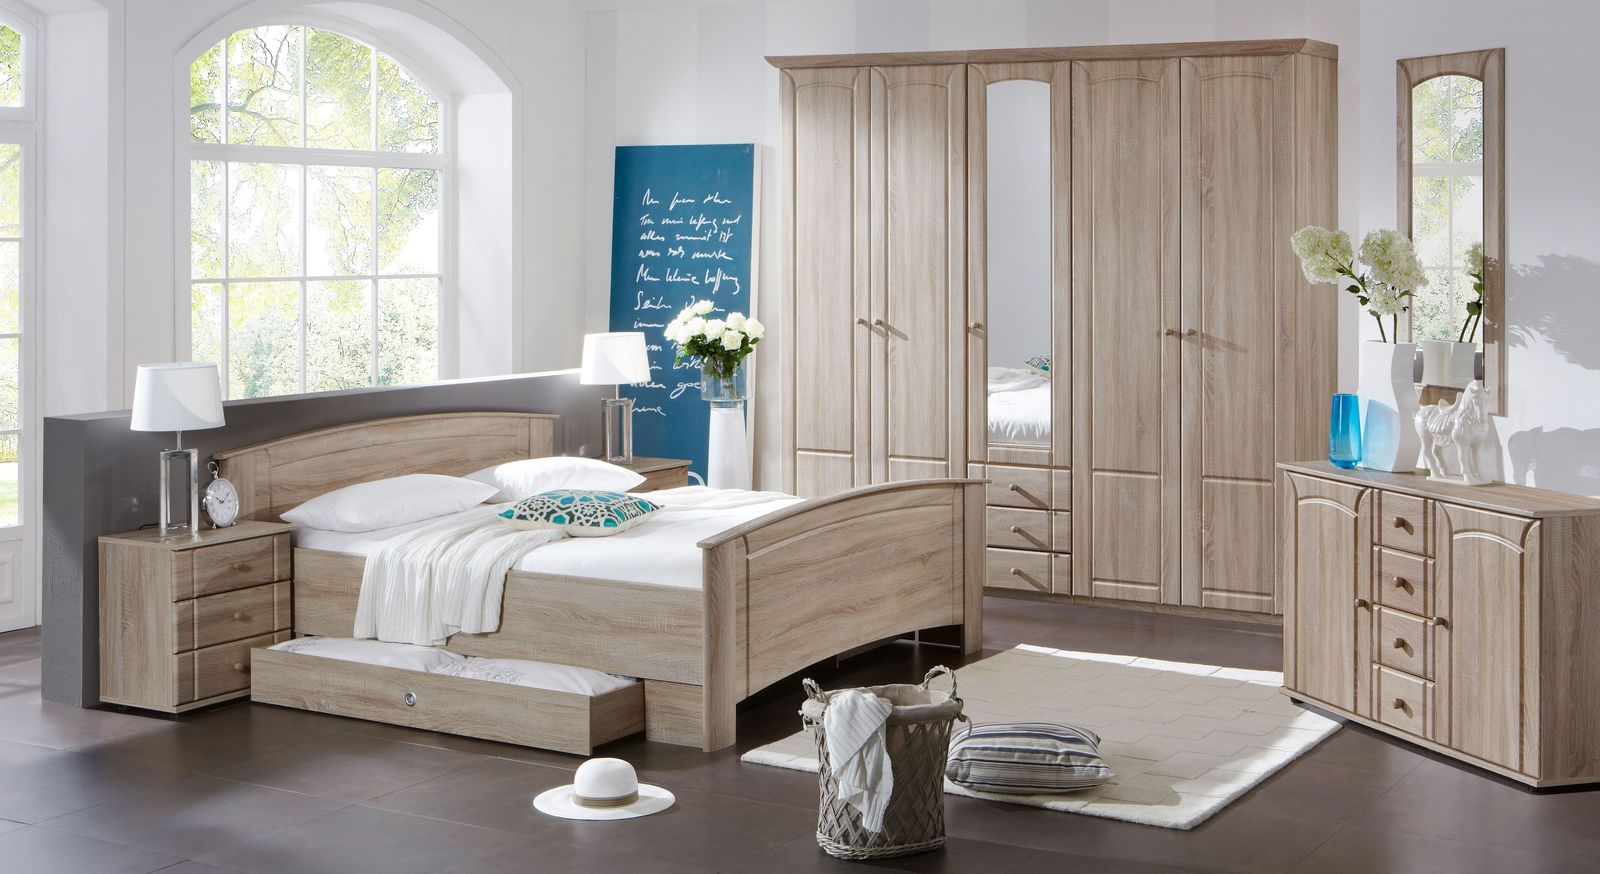 Komplett-Schlafzimmer Martano mit preiswerten Möbeln